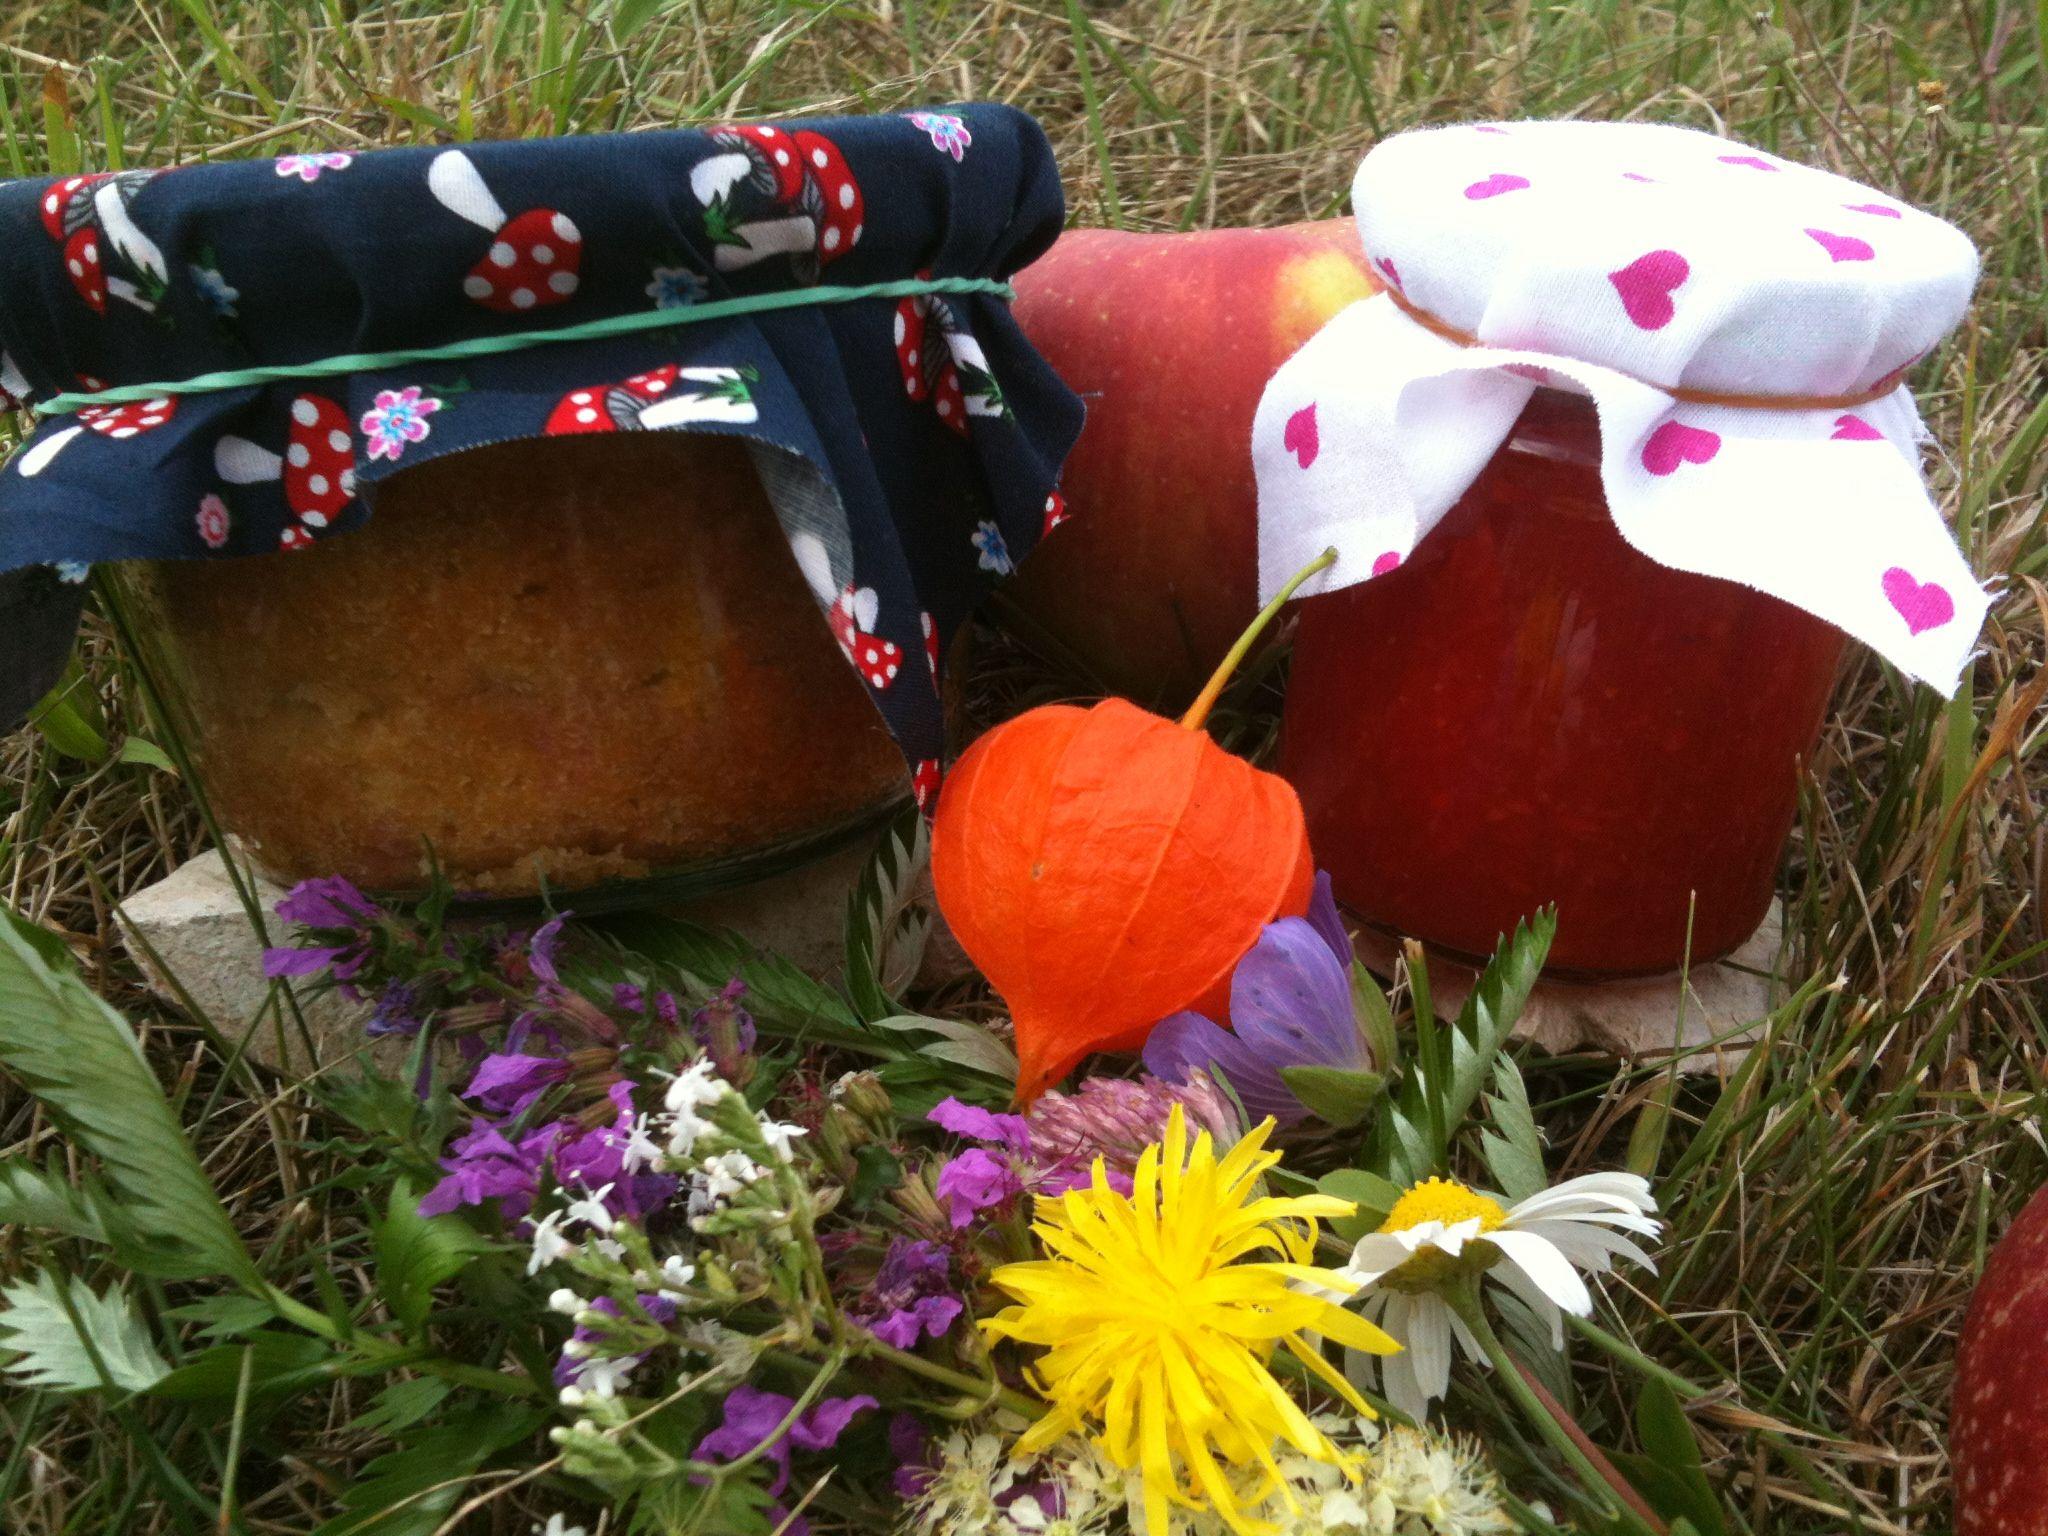 Apfelkuchen im Glas und eine Erdbeer-Kokos-Marmelade.